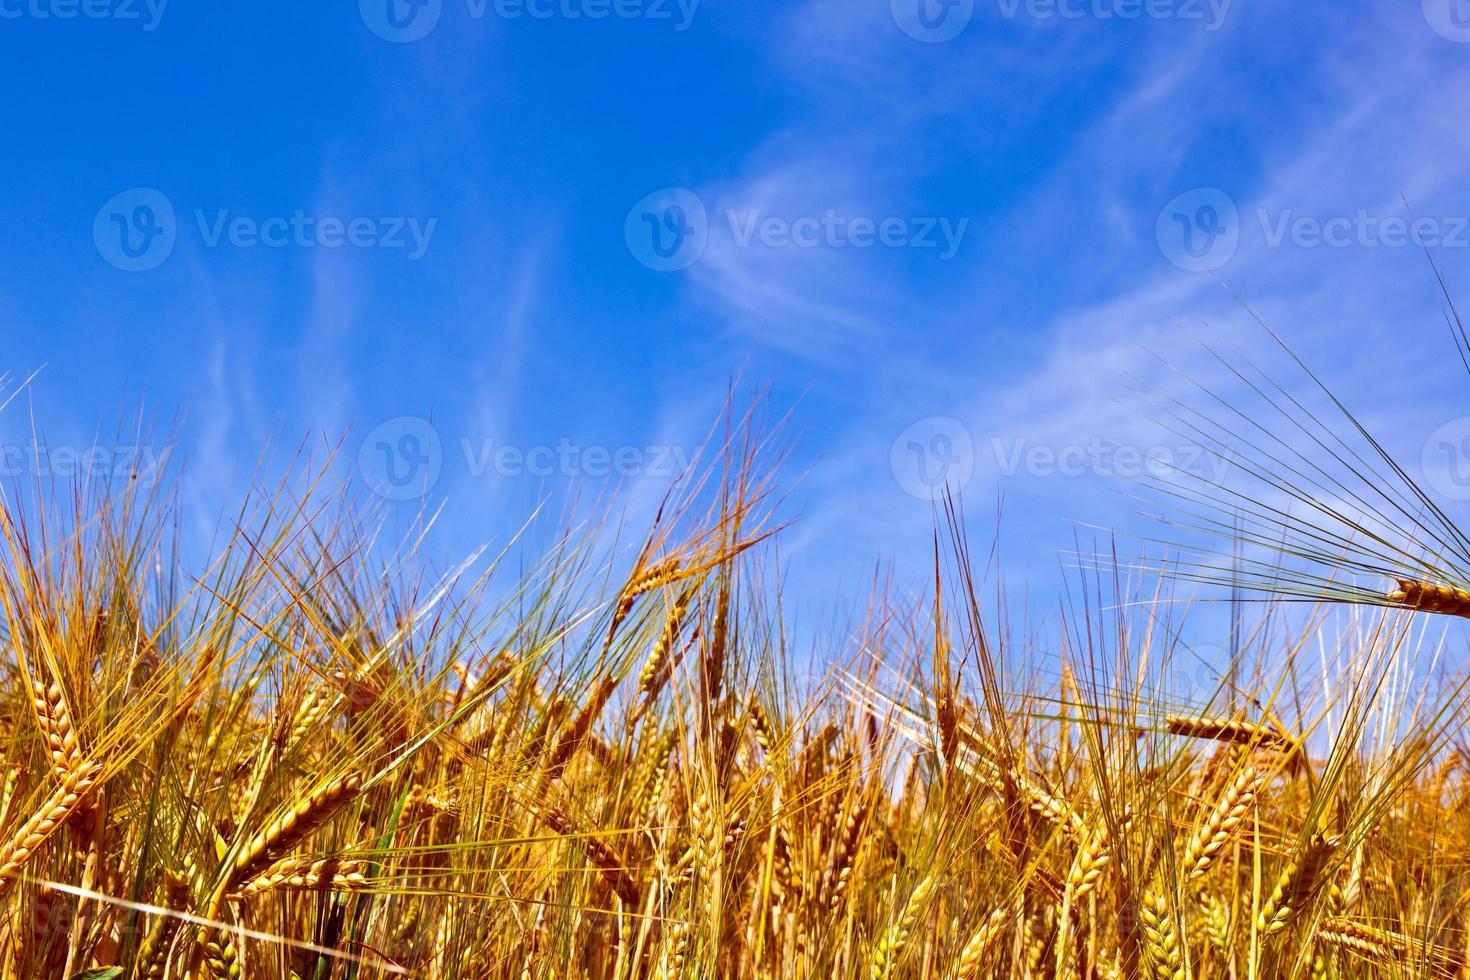 campo di grano dorato con cielo blu foto